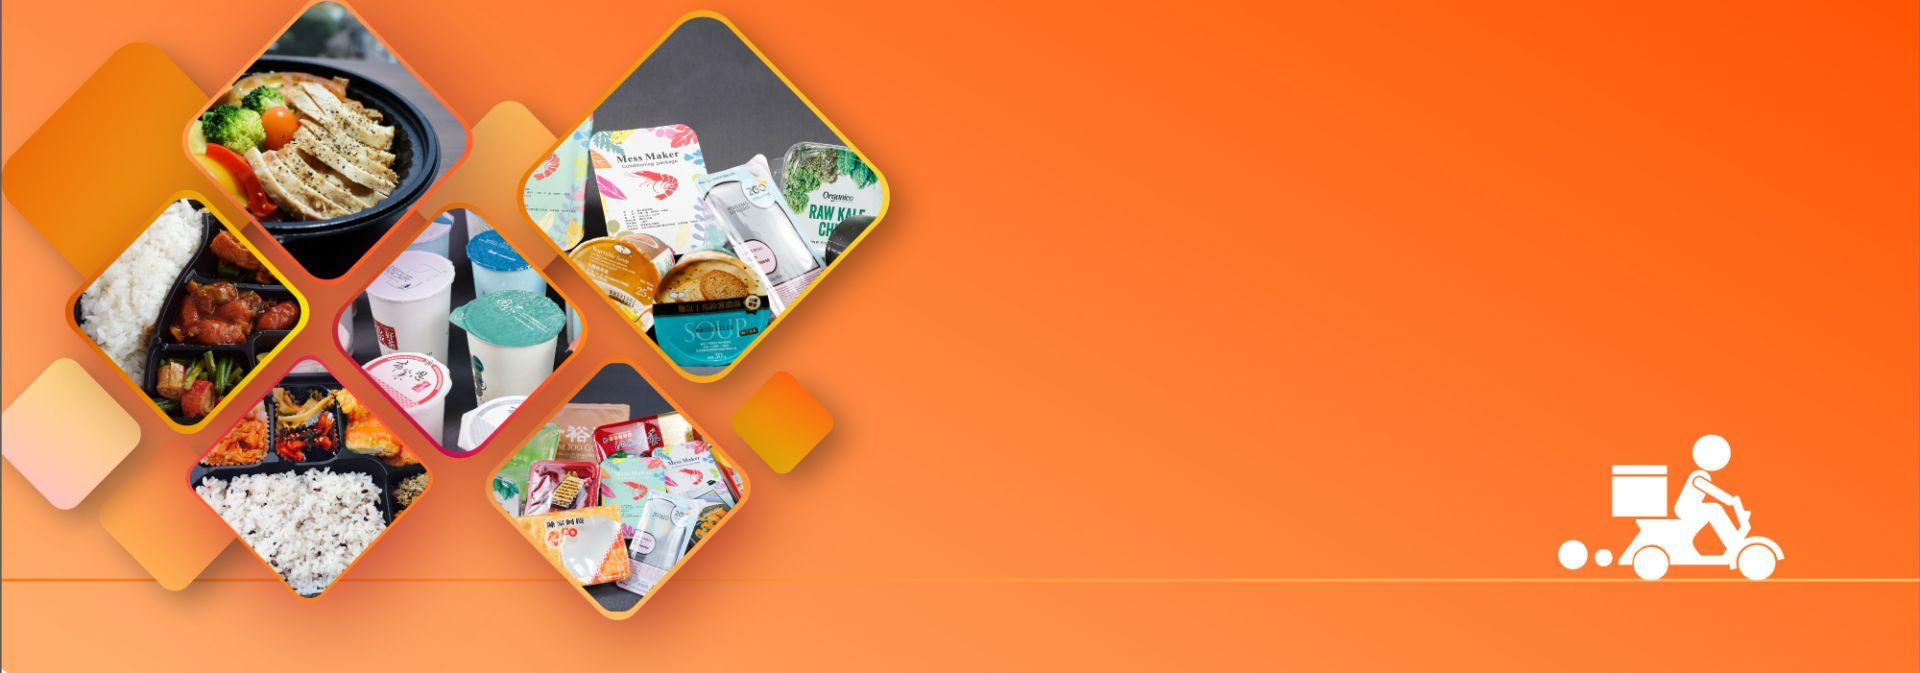 Votre emballage est-il assez bon rivaliser avec d'autres restaurants ?